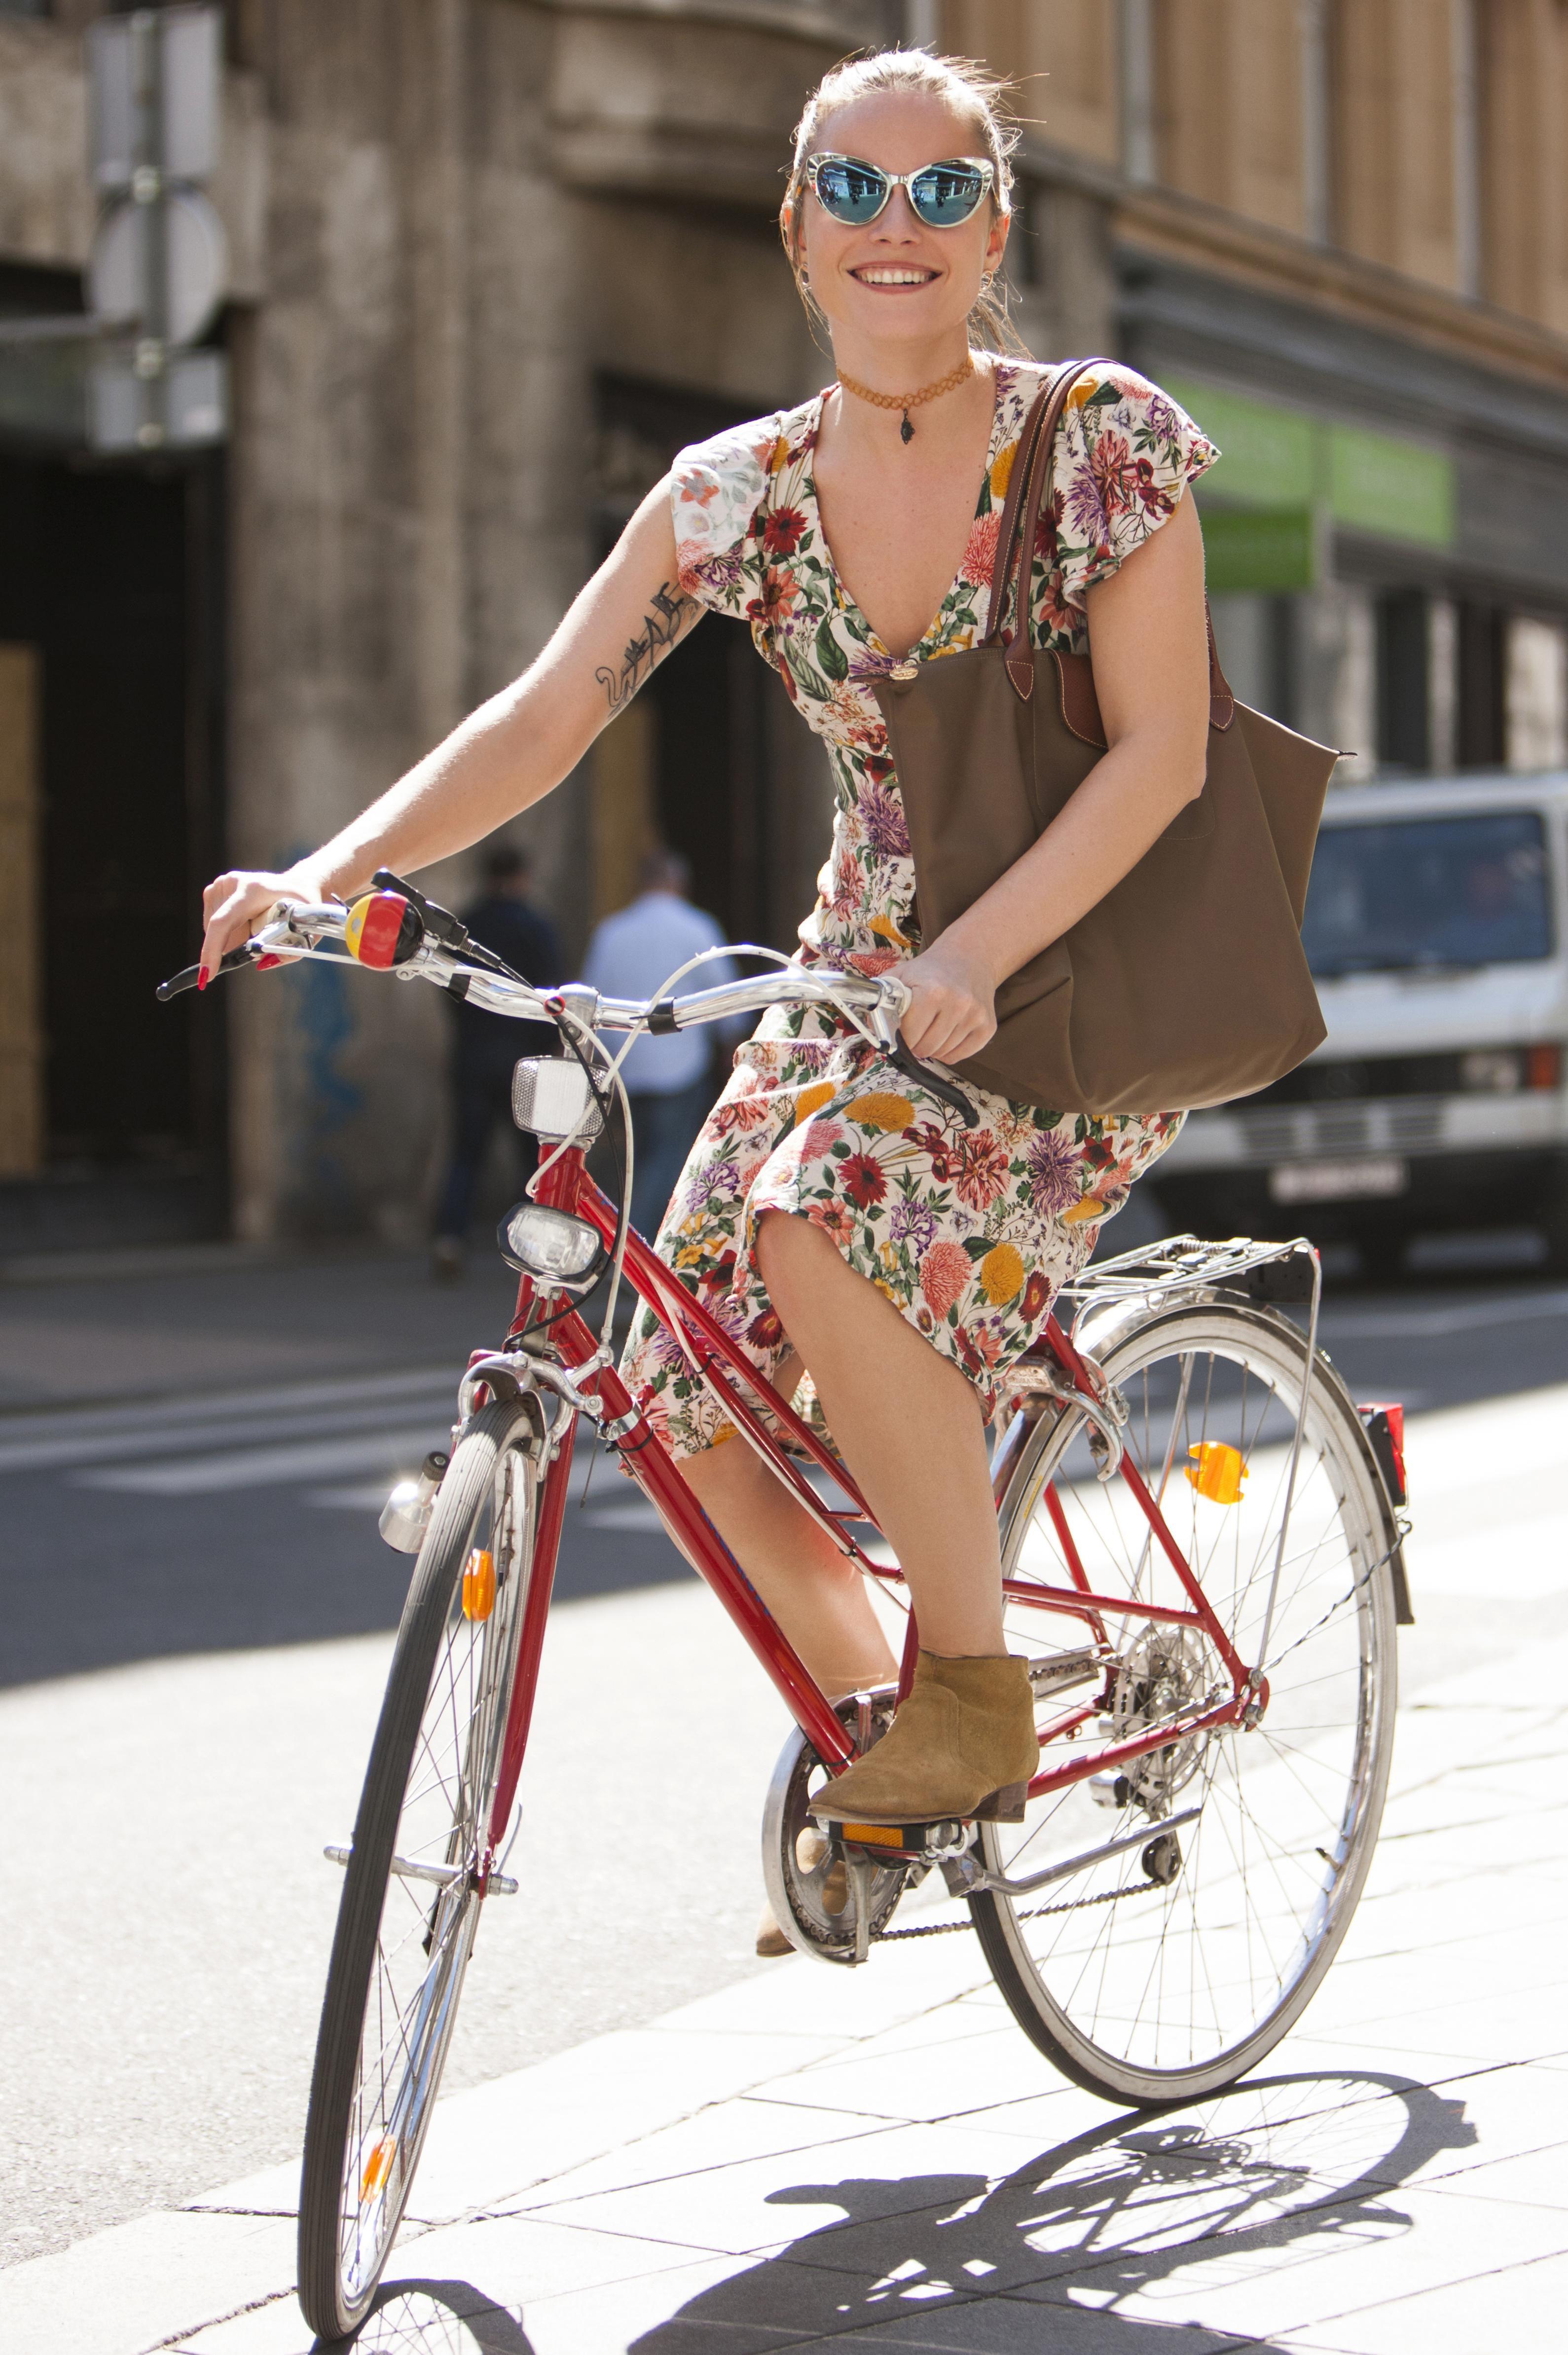 Dama na biciklu: Nina Mia Čikeš u cvjetnoj haljini i gležnjačama izgleda fantastično